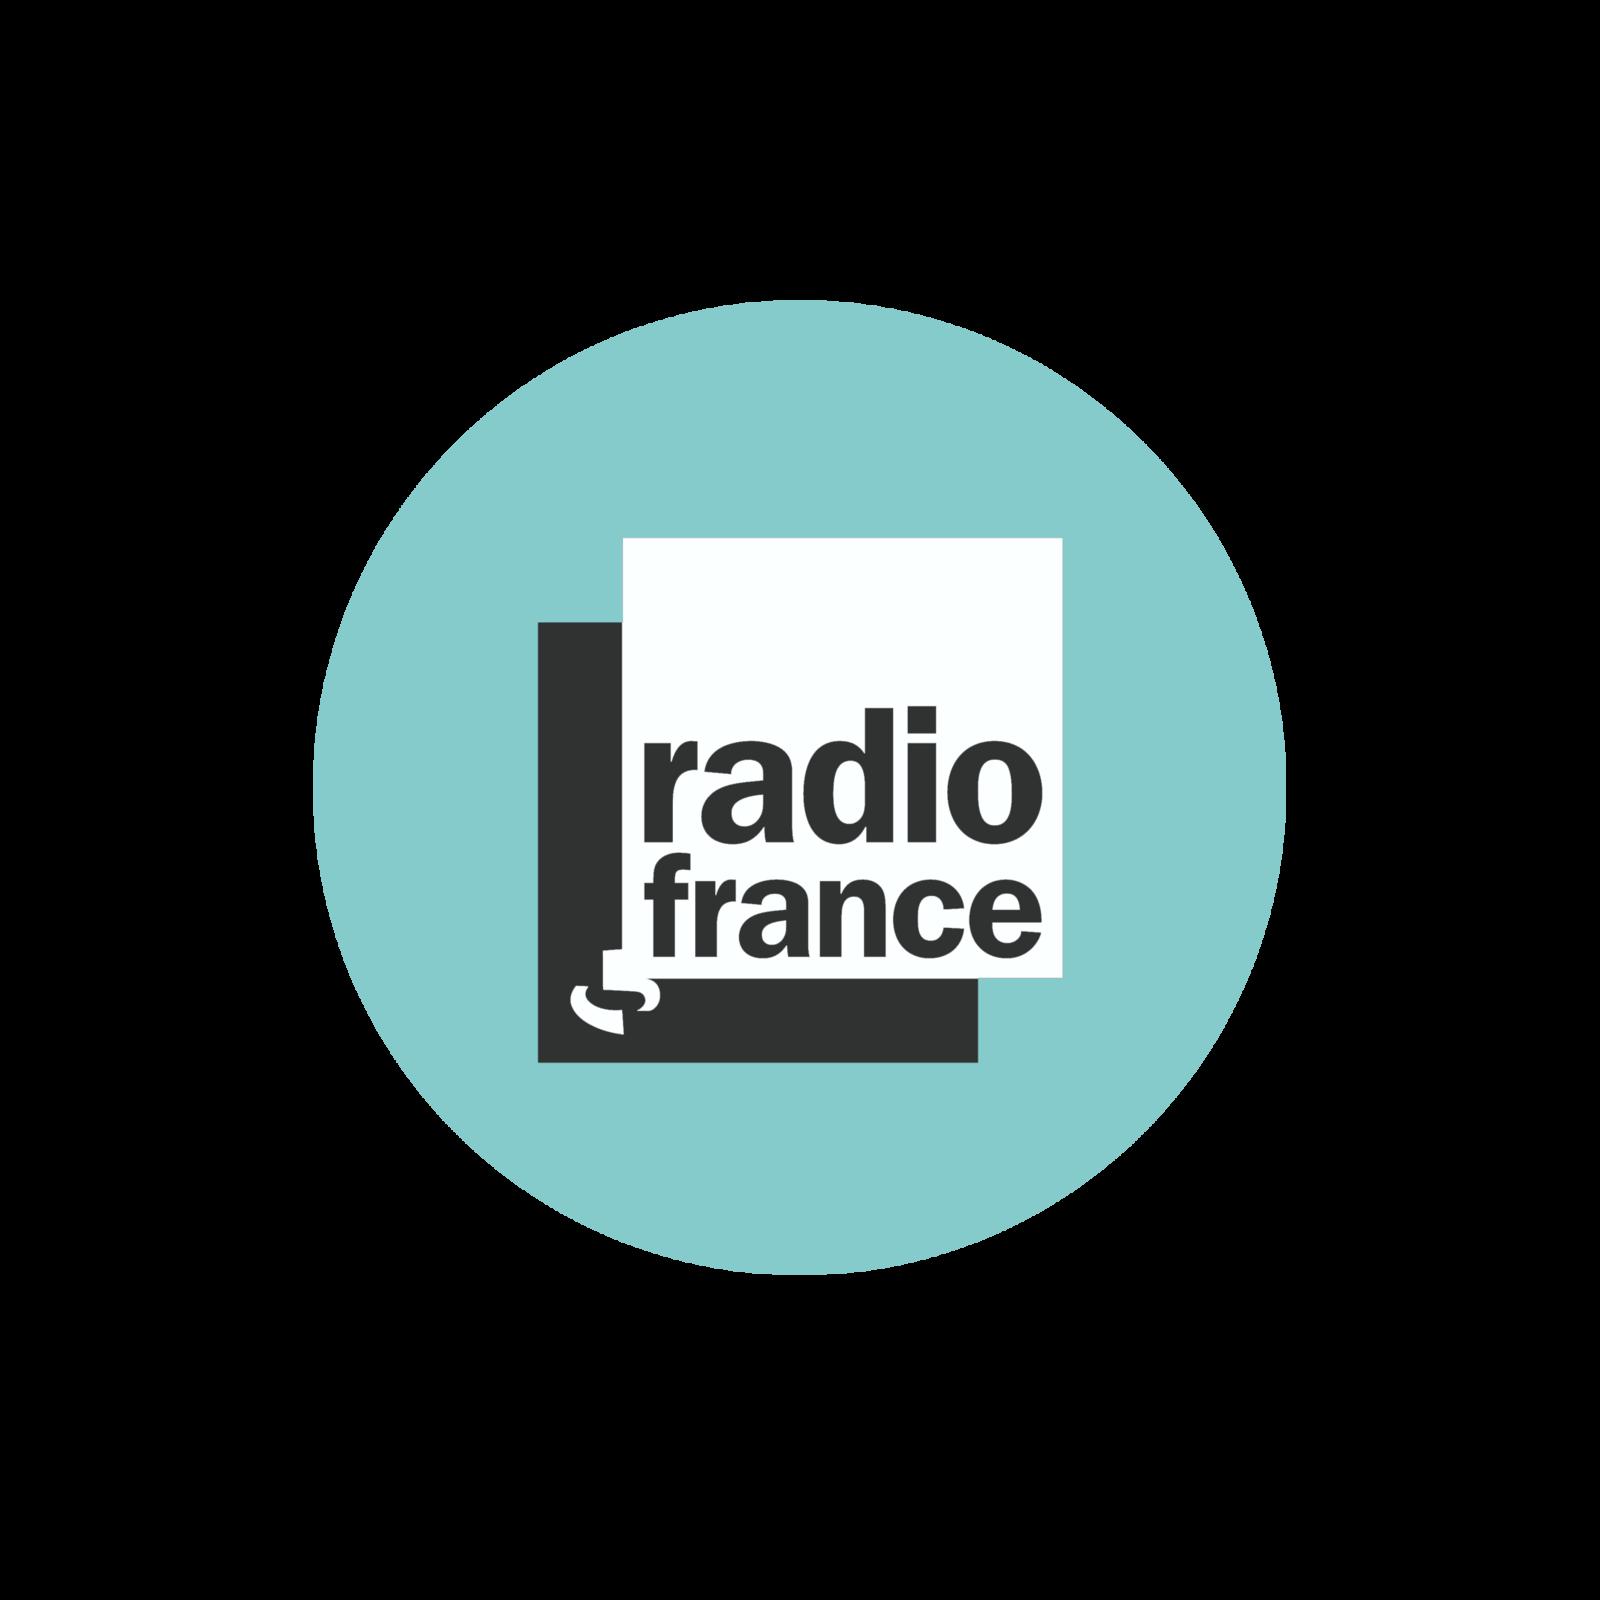 Le dispositif de Radio France lundi pour la Journée de la langue française dans les médias audiovisuels.